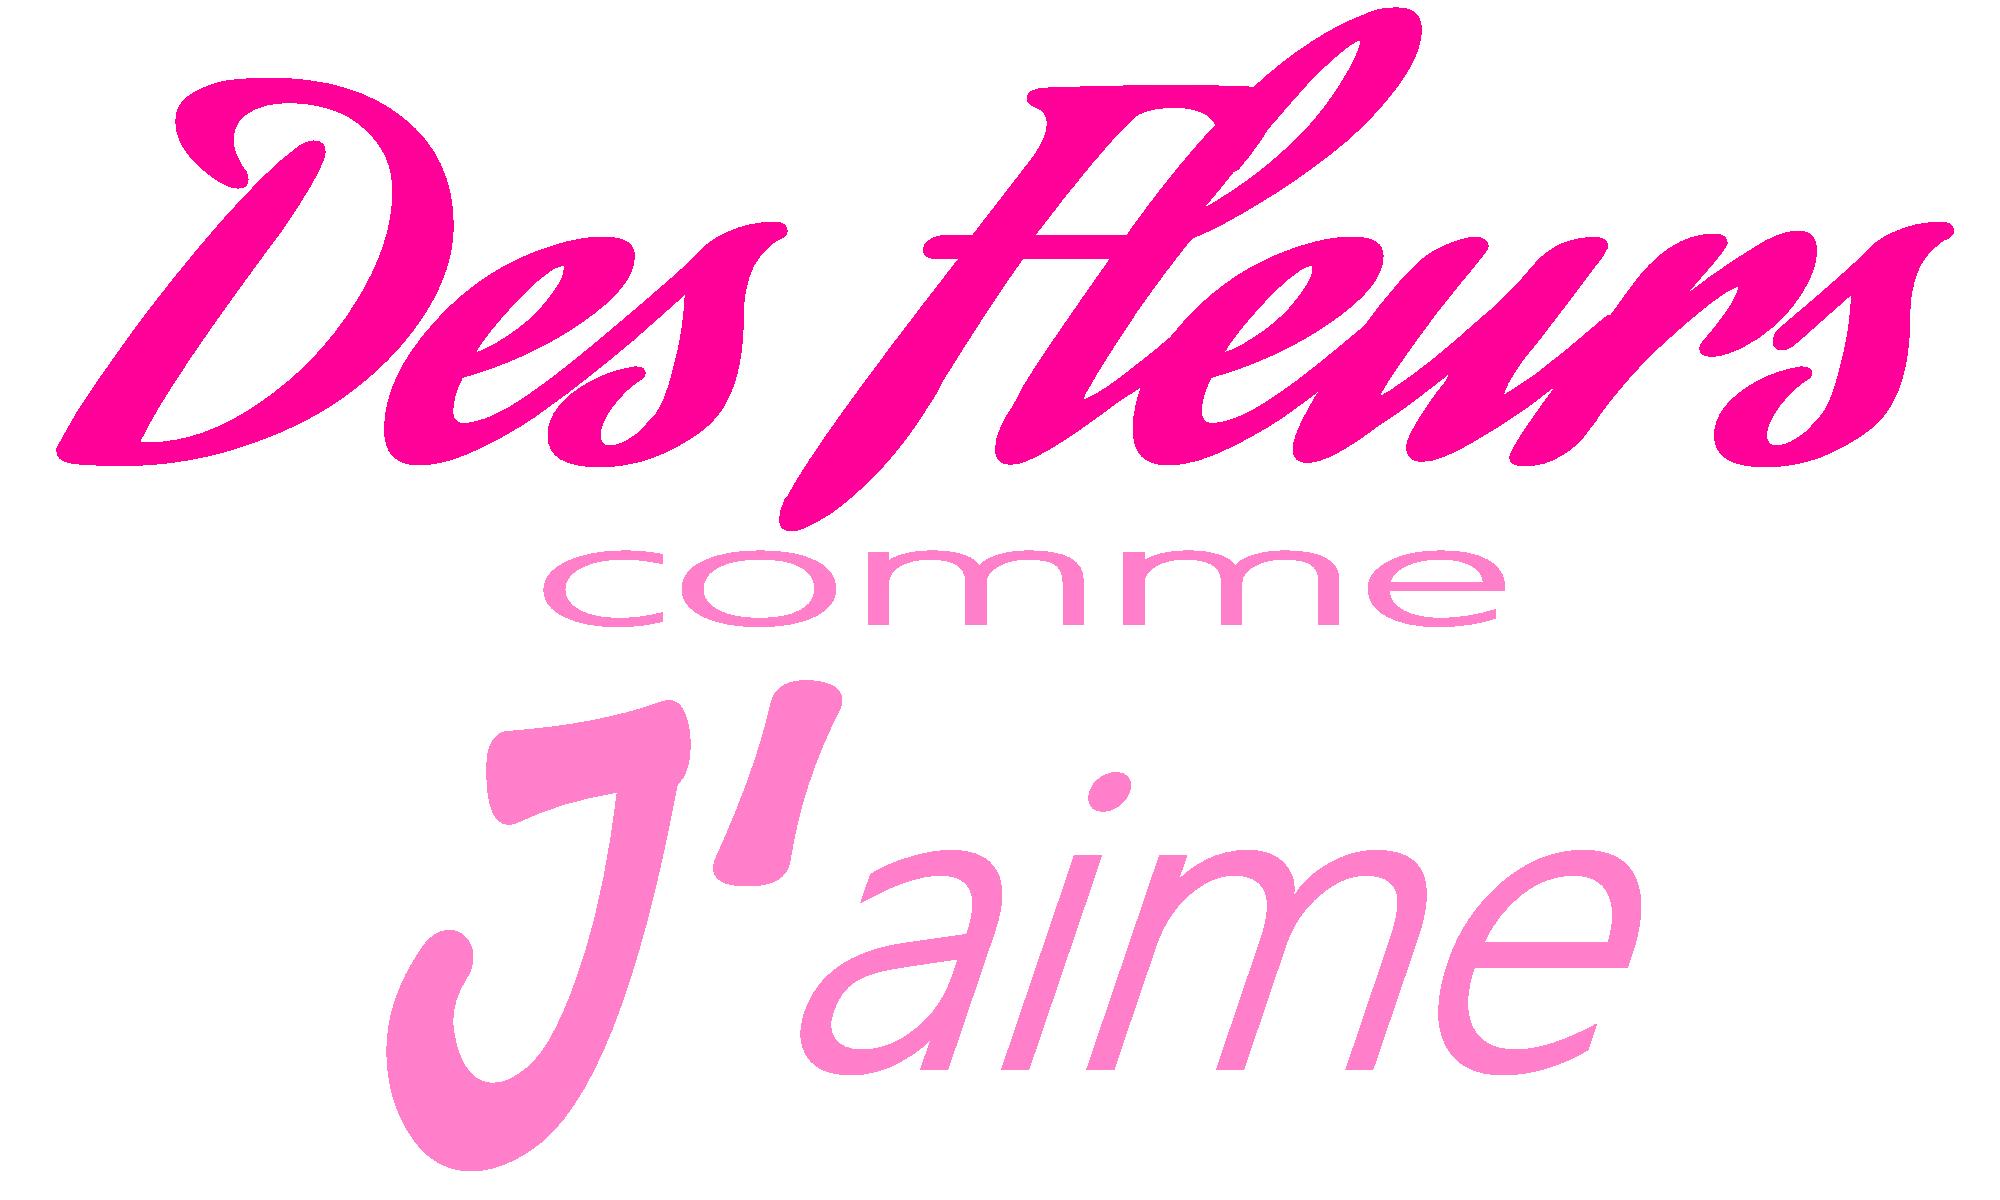 Fleuriste Paris, Fleuriste Marseille, Fleuriste Lyon, Fleuriste Toulouse, Fleuriste Nice, Fleuriste Nantes, Fleuriste Montpellier, Fleuriste Strasbourg, Fleuriste Bordeaux, Fleuriste Lille, Fleuriste Rennes, Fleuriste Reims, Fleuriste Le Havre, Fleuriste Saint-Étienne, Fleuriste Toulon, Fleuriste Grenoble, Fleuriste Dijon, Fleuriste Angers, Fleuriste Nîmes, Fleuriste Villeurbanne, Fleuriste Le Mans, Fleuriste Aix-en-Provence, Fleuriste Clermont-Ferrand, Fleuriste Brest, Fleuriste Tours, Fleuriste Limoges, Fleuriste Amiens, Fleuriste Annecy, Fleuriste Perpignan, Fleuriste Boulogne-Billancourt, Fleuriste Metz, Fleuriste Besançon, Fleuriste Orléans, Fleuriste Saint-Denis, Fleuriste Argenteuil, Fleuriste Mulhouse, Fleuriste Rouen, Fleuriste Montreuil, Fleuriste Caen, Fleuriste Nancy, Fleuriste Tourcoing, Fleuriste Roubaix, Fleuriste Nanterre, Fleuriste Vitry-sur-Seine, Fleuriste Avignon, Fleuriste Créteil, Fleuriste Dunkerque, Fleuriste Poitiers, Fleuriste Asnières-sur-Seine, Fleuriste Versailles, Fleuriste Colombes, Fleuriste Saint-Pierre, Fleuriste Aubervilliers, Fleuriste Aulnay-sous-Bois, Fleuriste Courbevoie, Fleuriste Fort-de-France, Fleuriste Cherbourg-en-Cotentin17, Fleuriste Rueil-Malmaison, Fleuriste Pau, Fleuriste Champigny-sur-Marne, Fleuriste Le Tampon, Fleuriste Béziers, Fleuriste Calais, Fleuriste La Rochelle, Fleuriste Saint-Maur-des-Fossés, Fleuriste Antibes, Fleuriste Cannes, Fleuriste Colmar, Fleuriste Mérignac, Fleuriste Saint-Nazaire, Fleuriste Drancy, Fleuriste Issy-les-Moulineaux, Fleuriste Noisy-le-Grand, Fleuriste Bourges, Fleuriste La Seyne-sur-Mer, Fleuriste Levallois-Perret, Fleuriste Quimper, Fleuriste Cergy, Fleuriste Valence, Fleuriste Vénissieux, Fleuriste Villeneuve-d'Ascq, Fleuriste Antony, Fleuriste Pessac, Fleuriste Troyes, Fleuriste Neuilly-sur-Seine, Fleuriste Clichy, Fleuriste Montauban, Fleuriste Chambéry, Fleuriste Ivry-sur-Seine, Fleuriste Niort, Fleuriste Lorient, Fleuriste Sarcelles, Fleuriste Villejuif, Fleuriste Hyères, Fleu